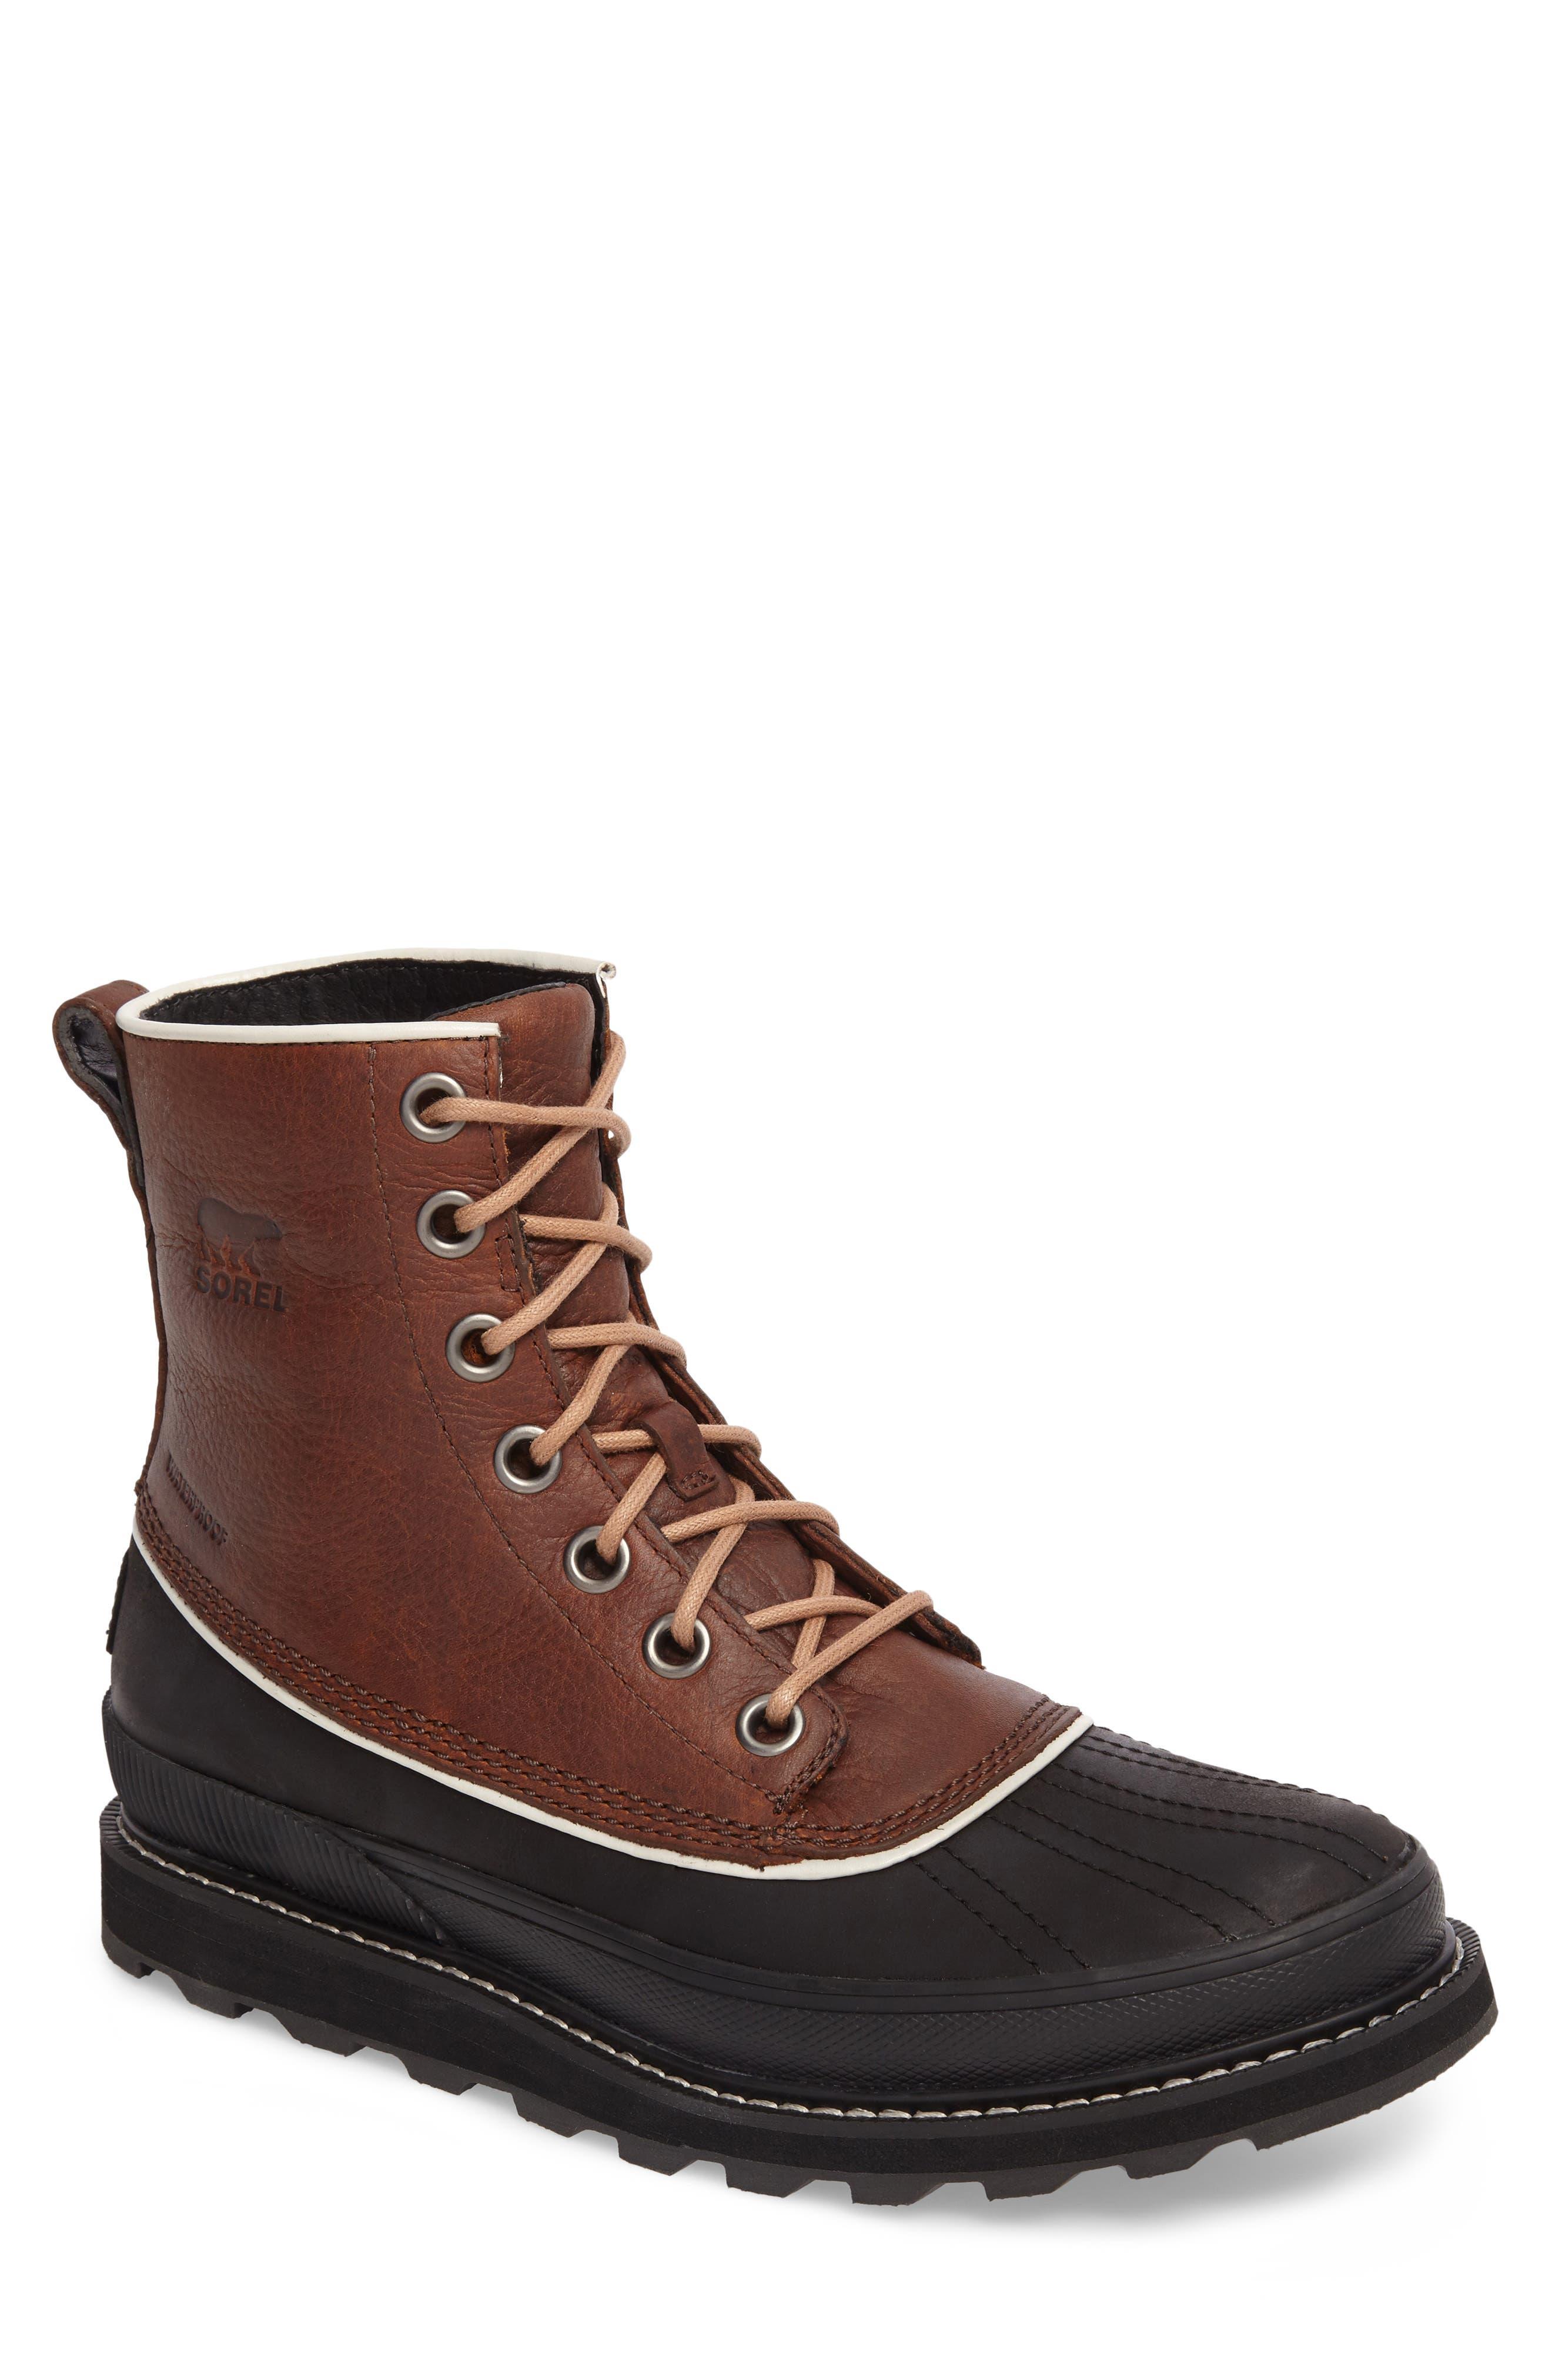 Sorel Madson 1964 Waterproof Boot, Brown